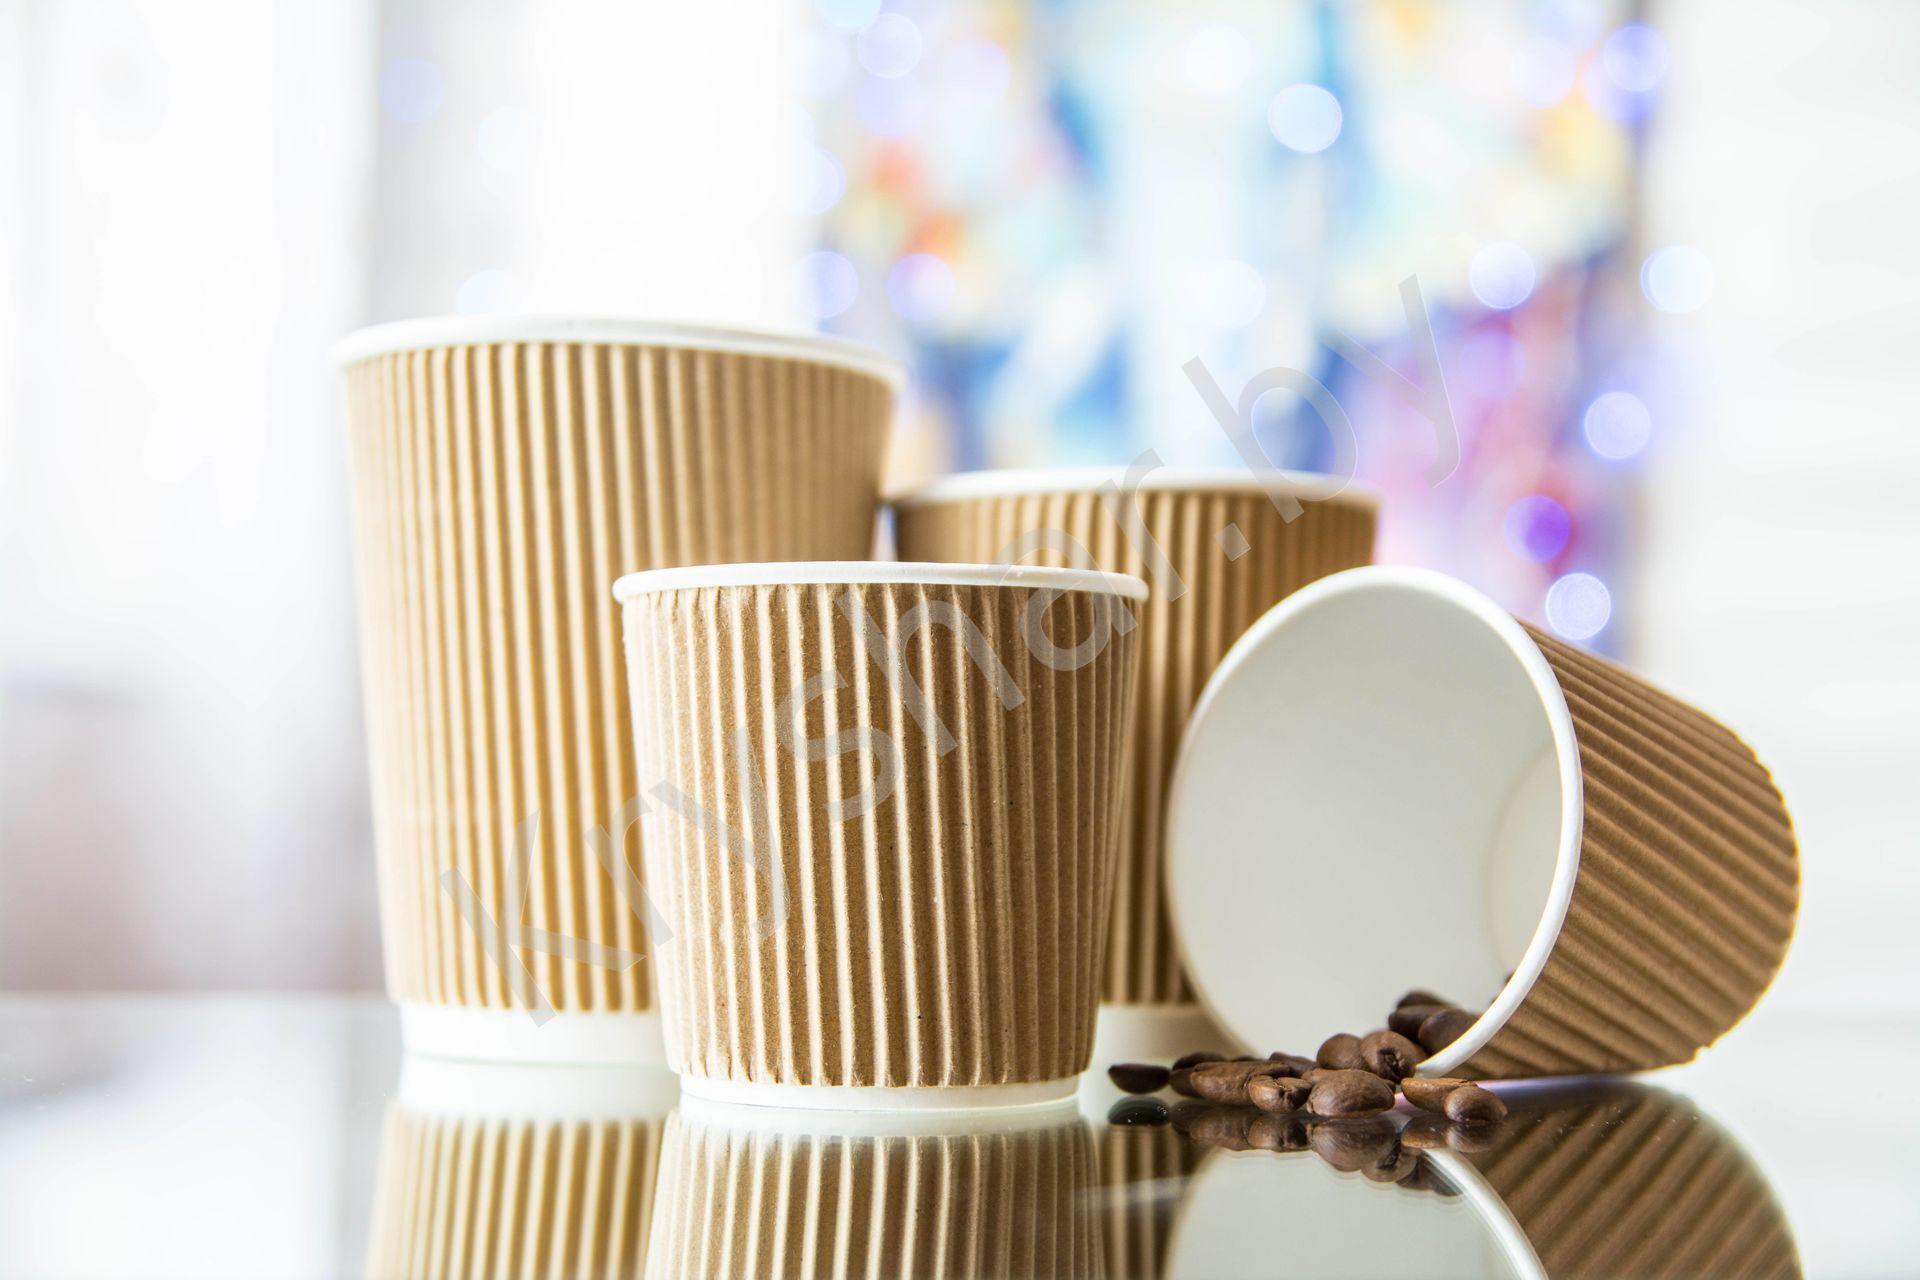 Одноразовая посуда и упаковка оптом: цены, доставка по